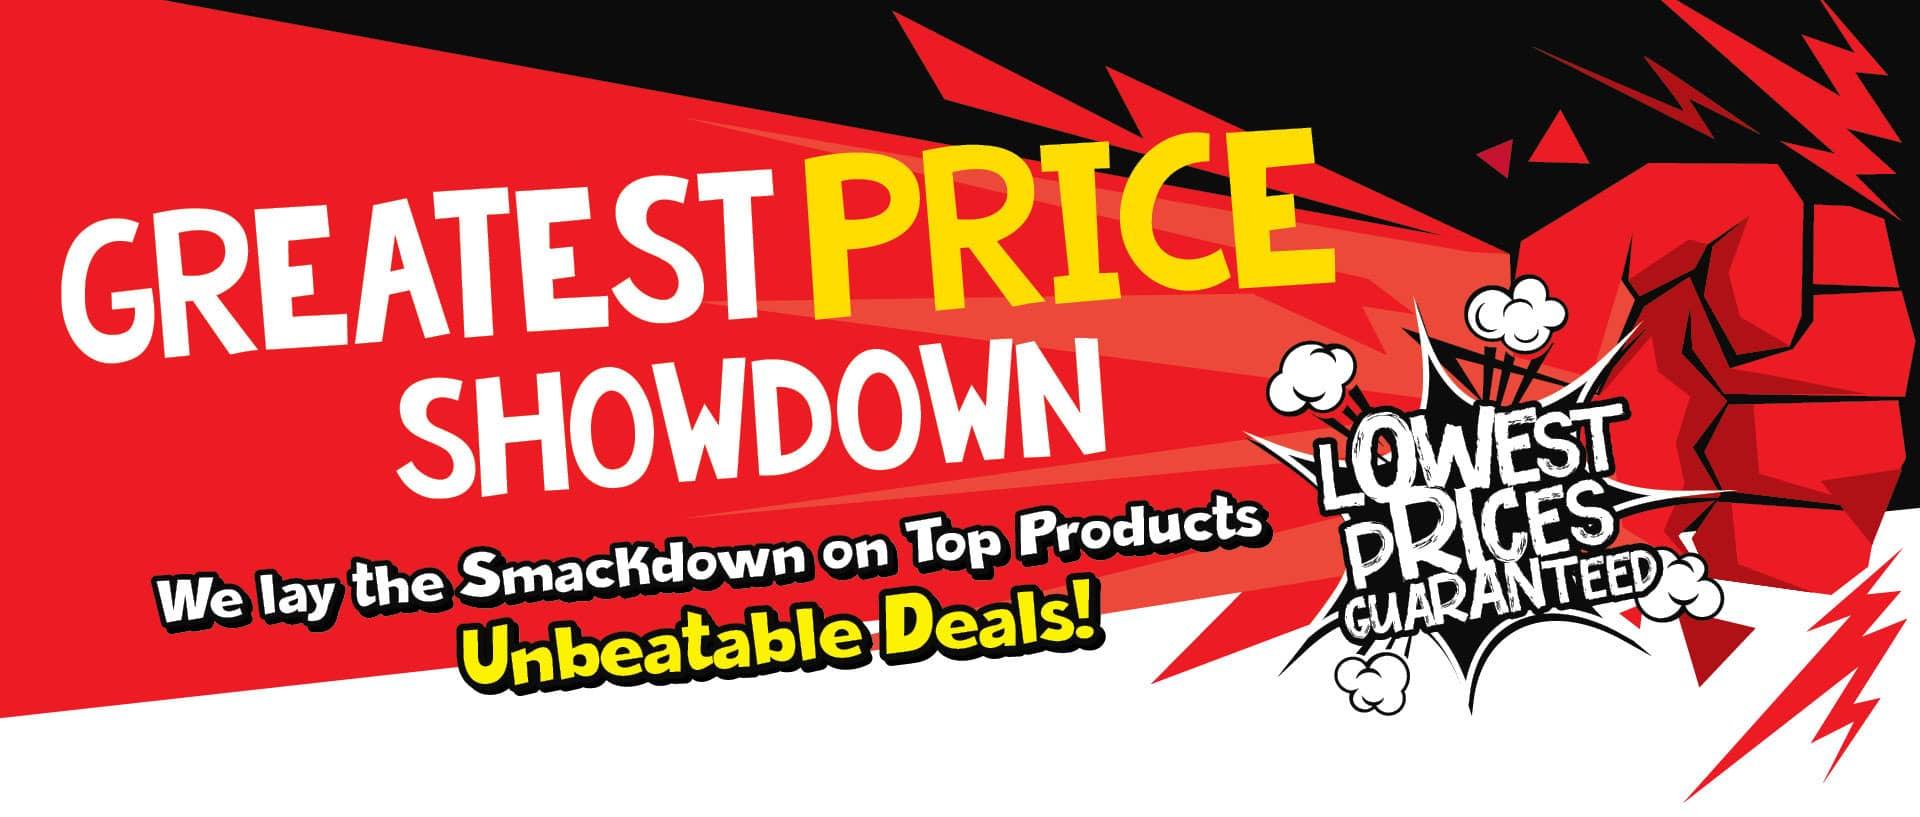 Greatest Price Showdown